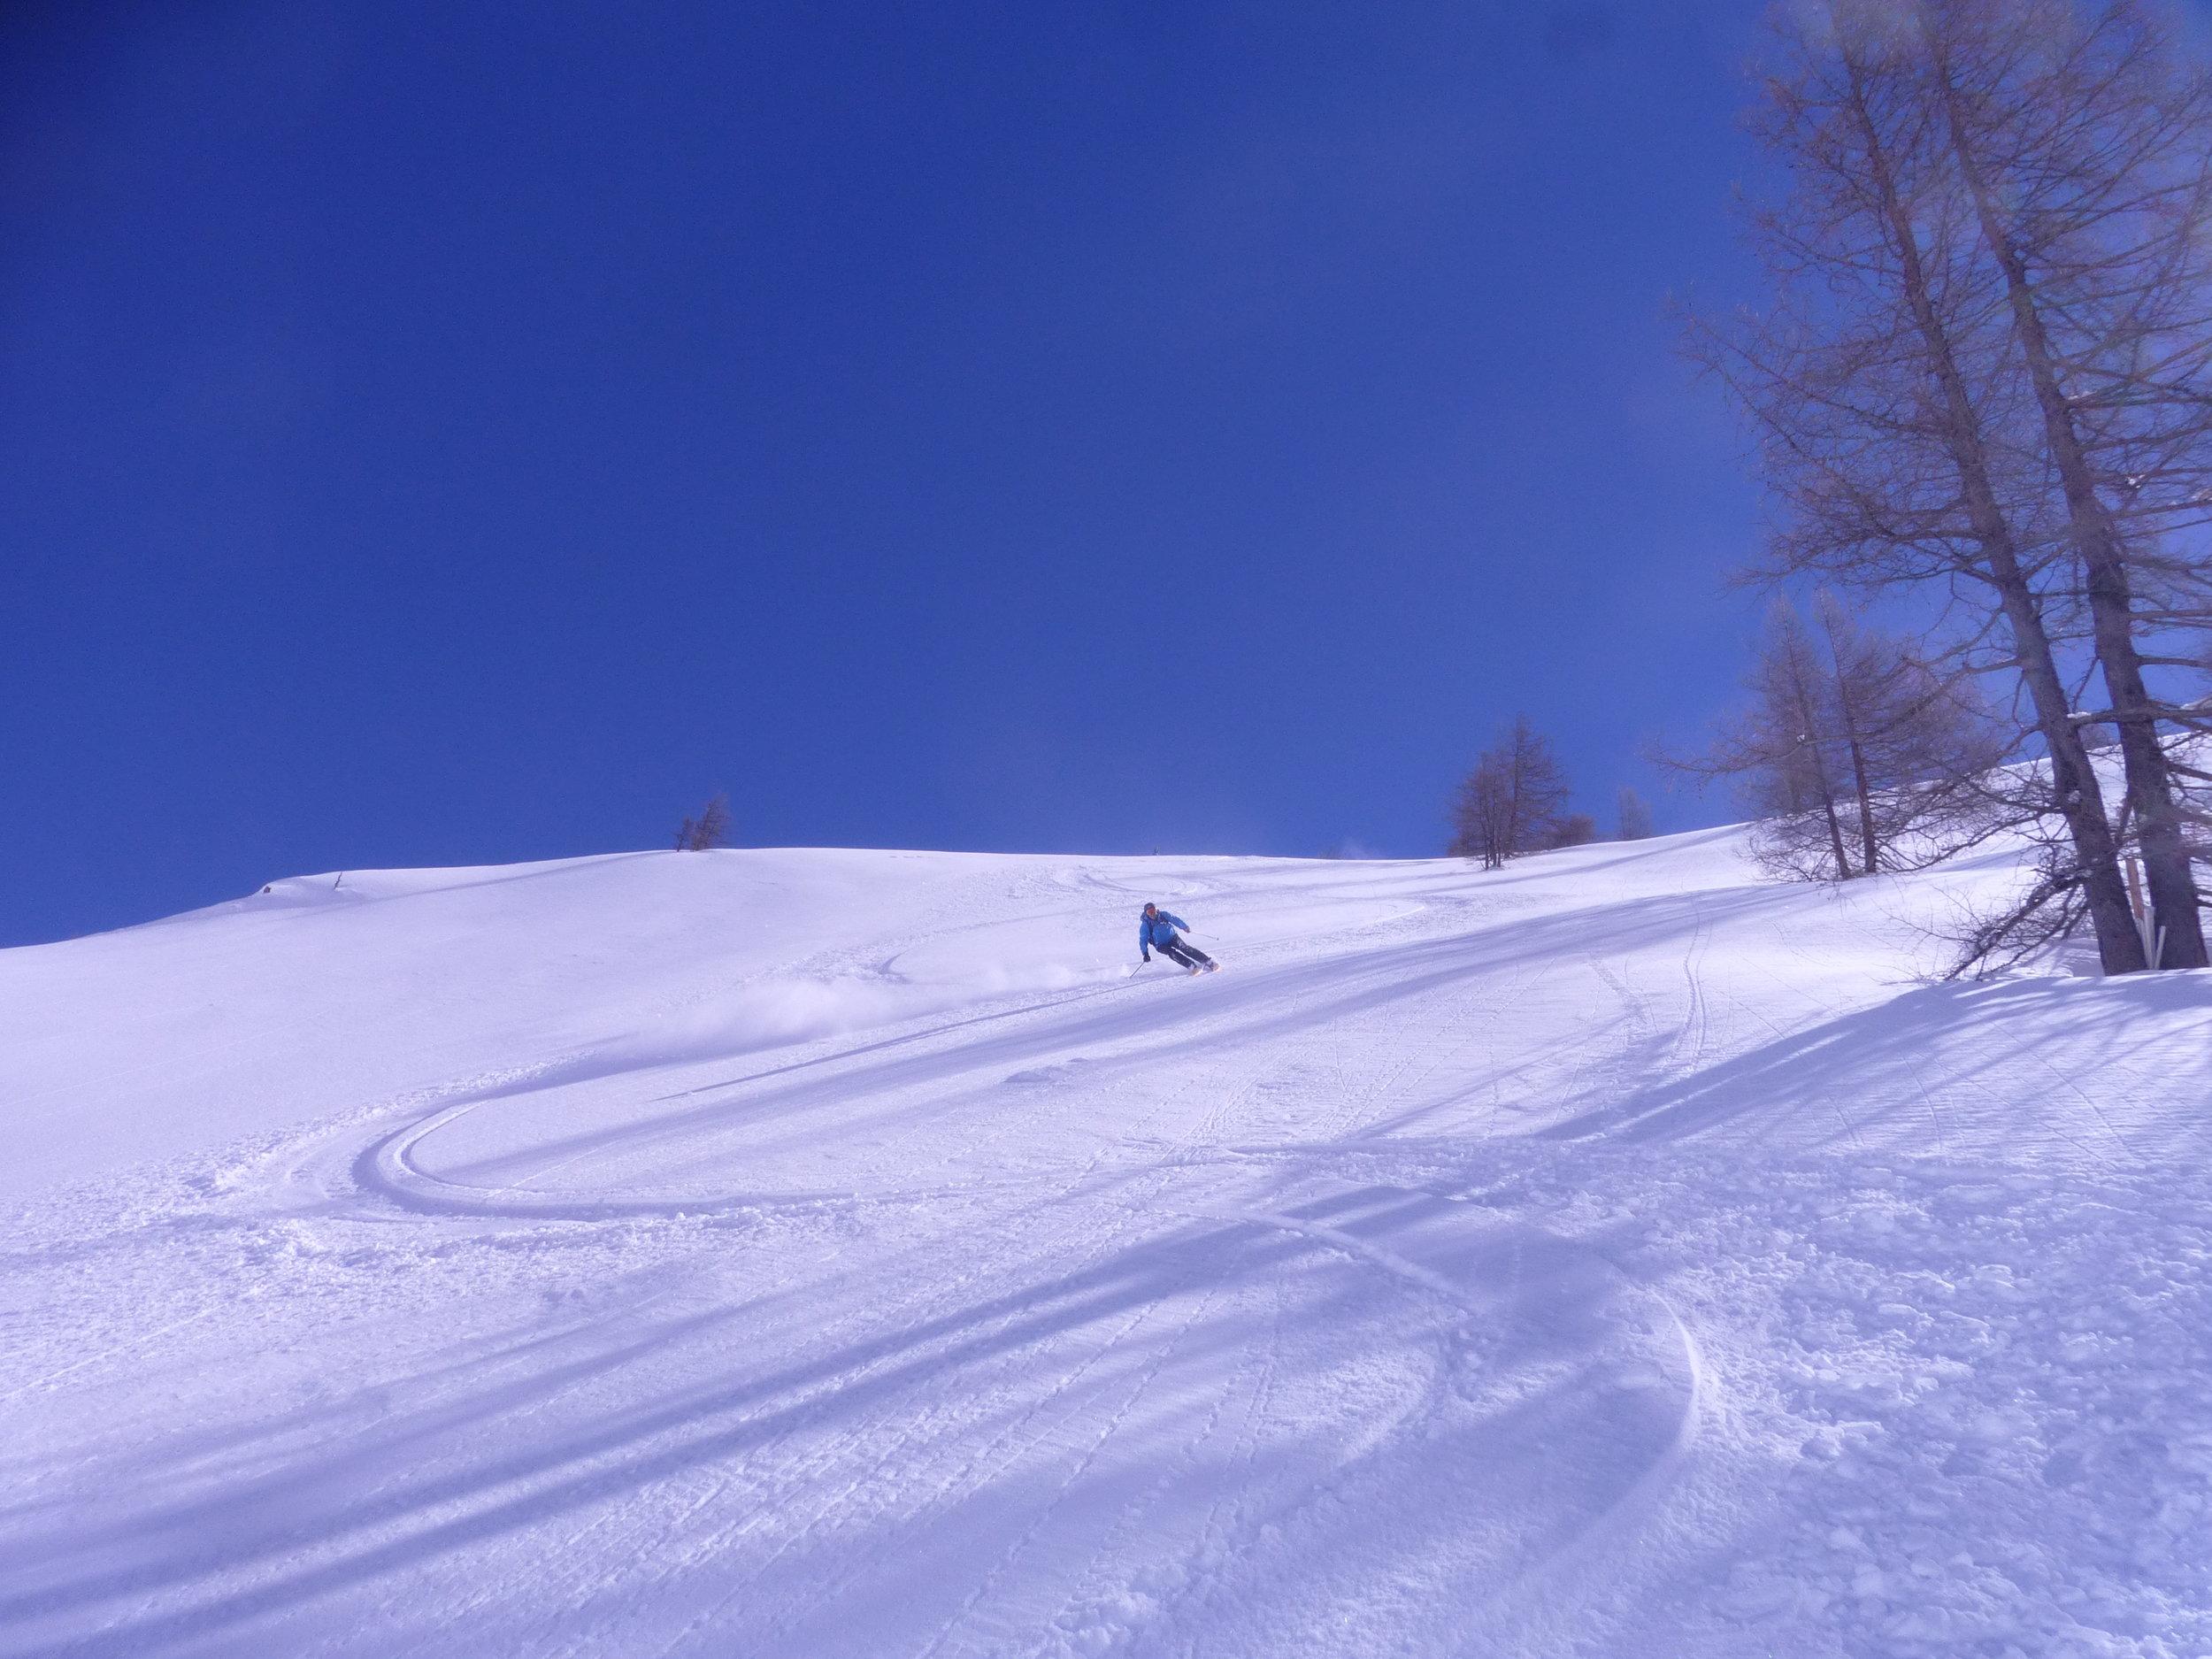 A nice slope